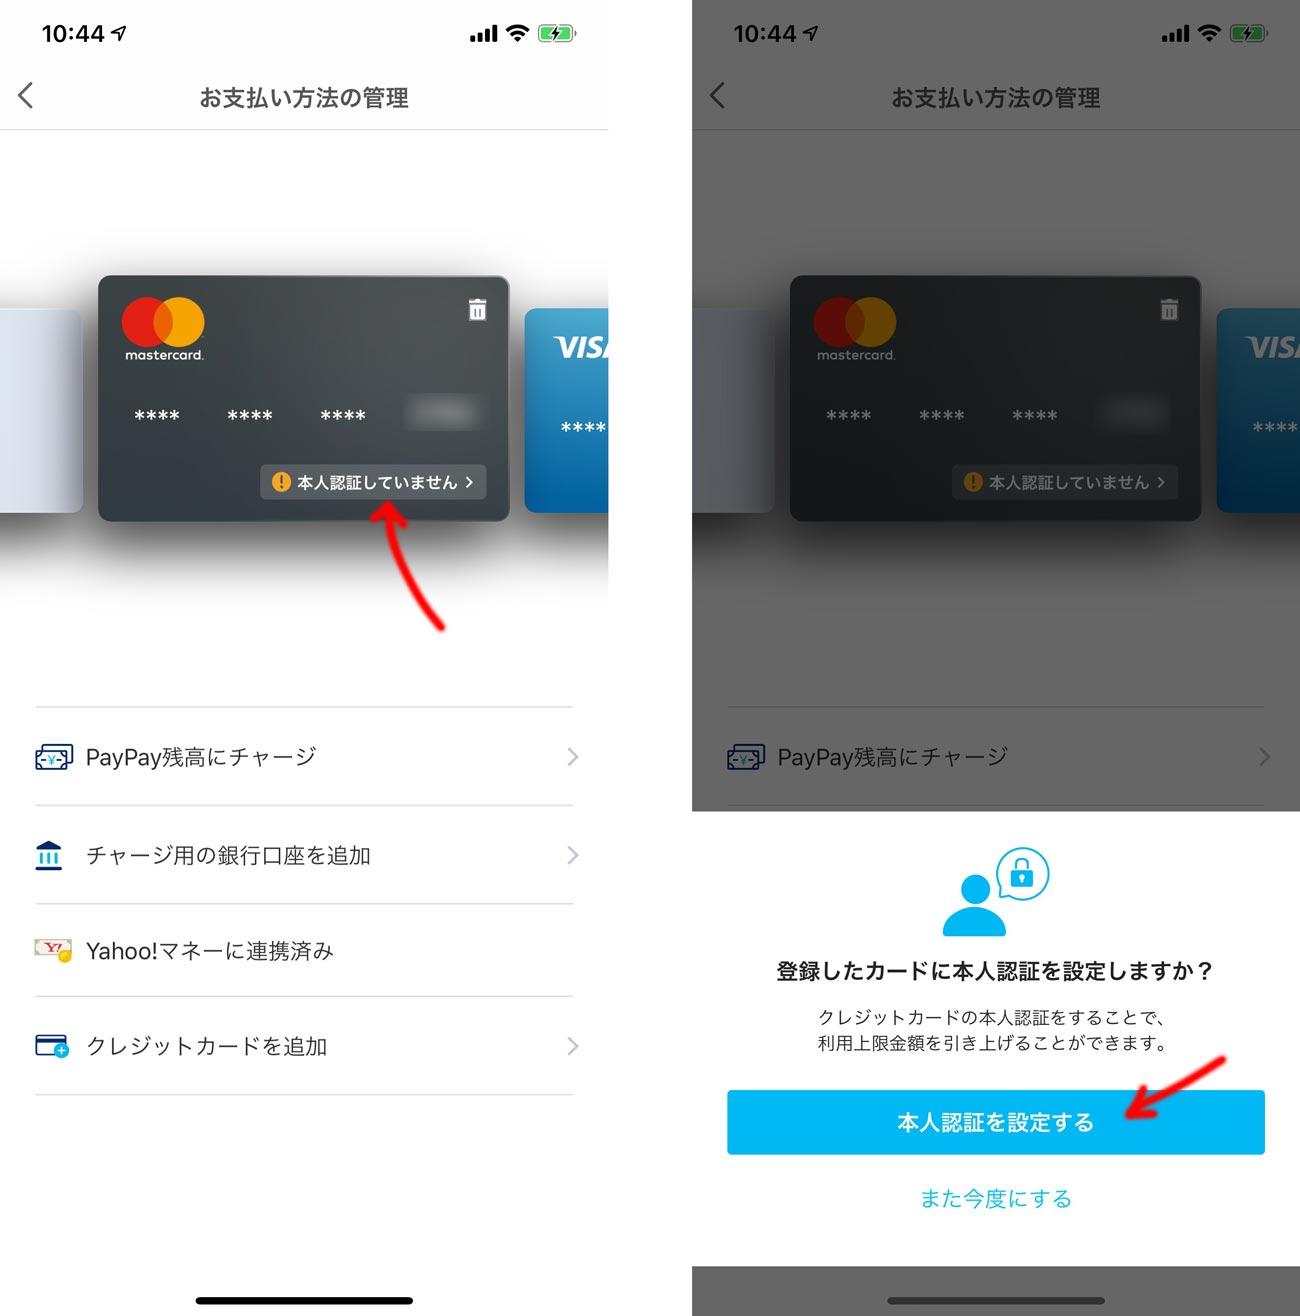 クレジットカード 3Dセキュア 設定方法